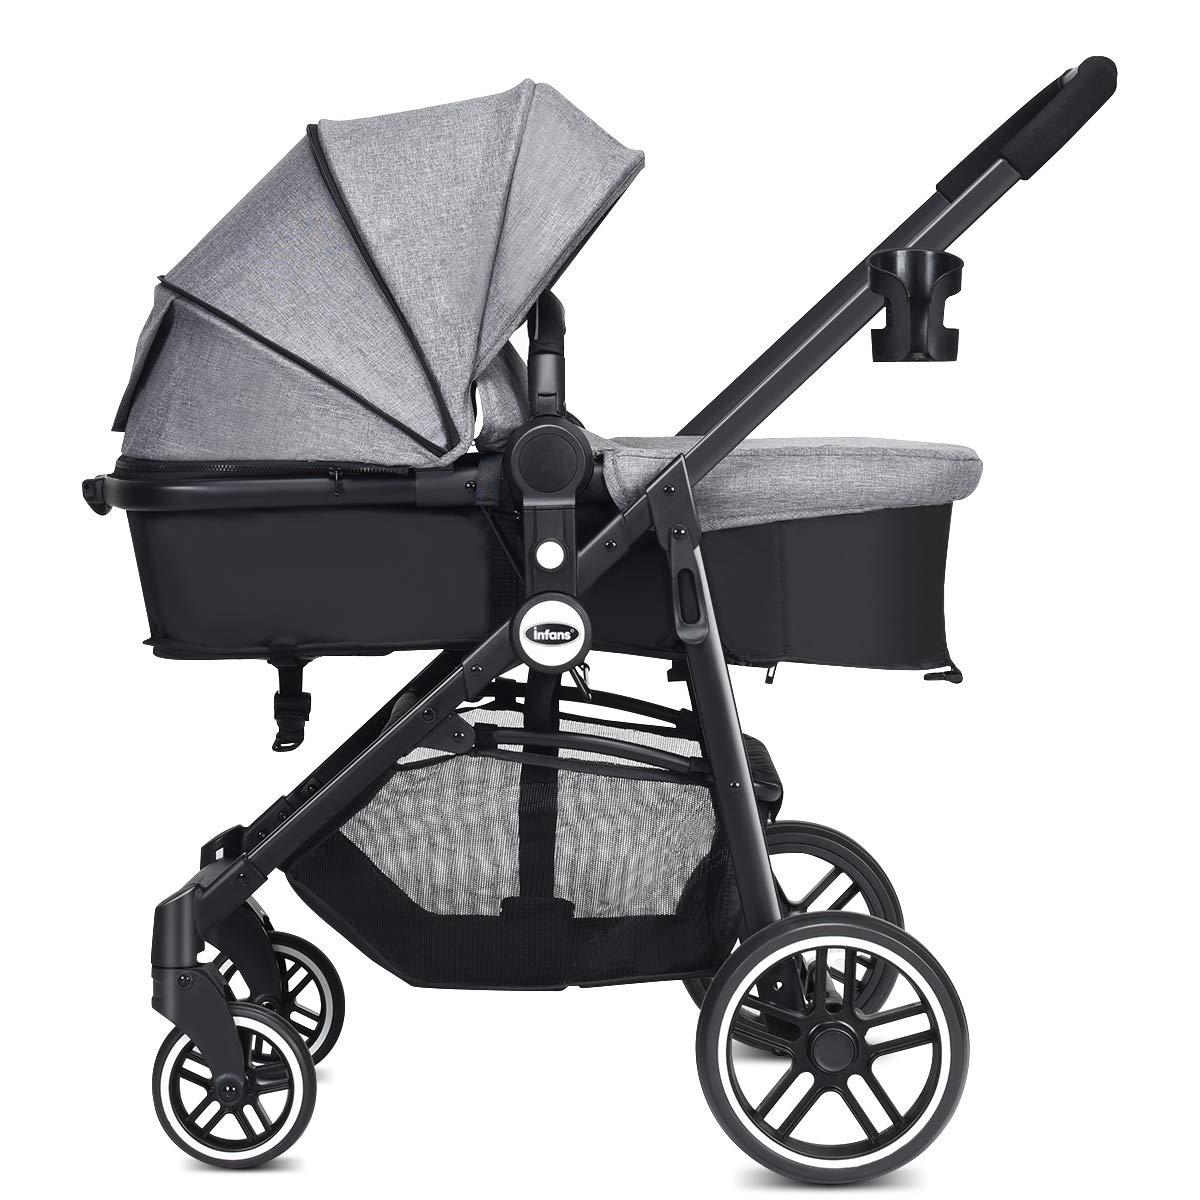 INFANS 2 in 1 Baby Stroller, High Landscape Infant Stroller & Reversible Bassinet Pram, Foldable Pushchair with Adjustable Canopy, Storage Basket, Cup Holder, Suspension Wheels (Grey)